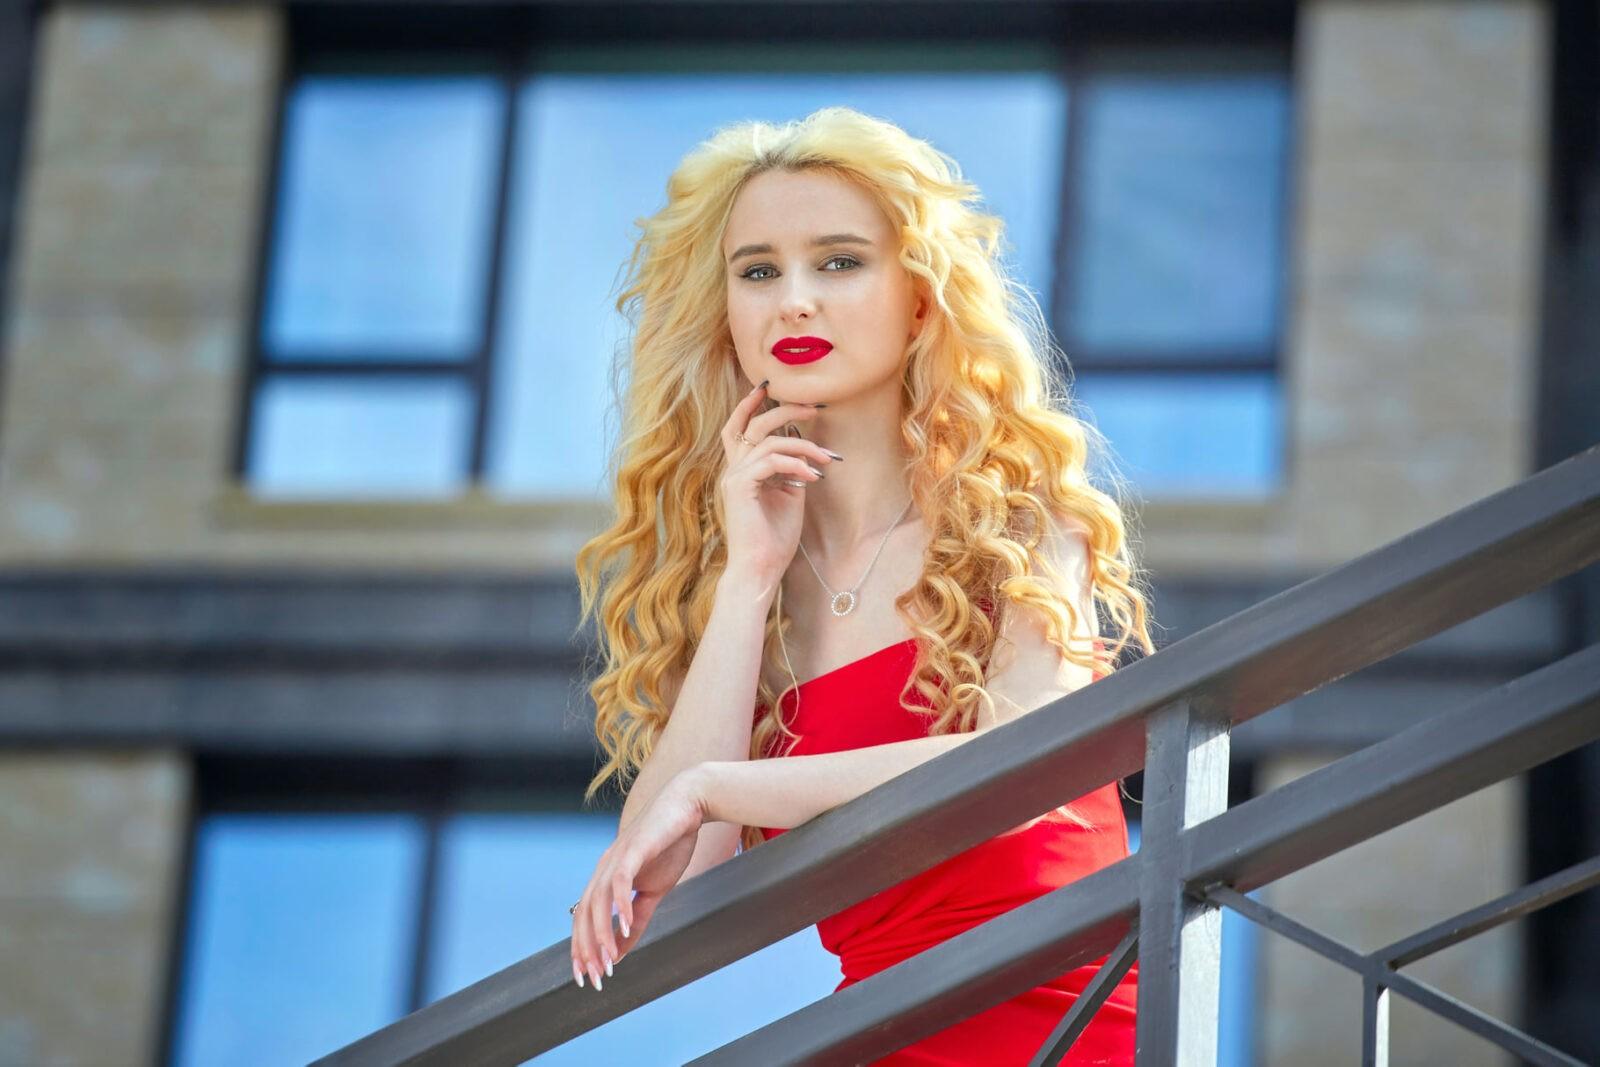 Где заказать профессиональную фотосессию в Киеве?